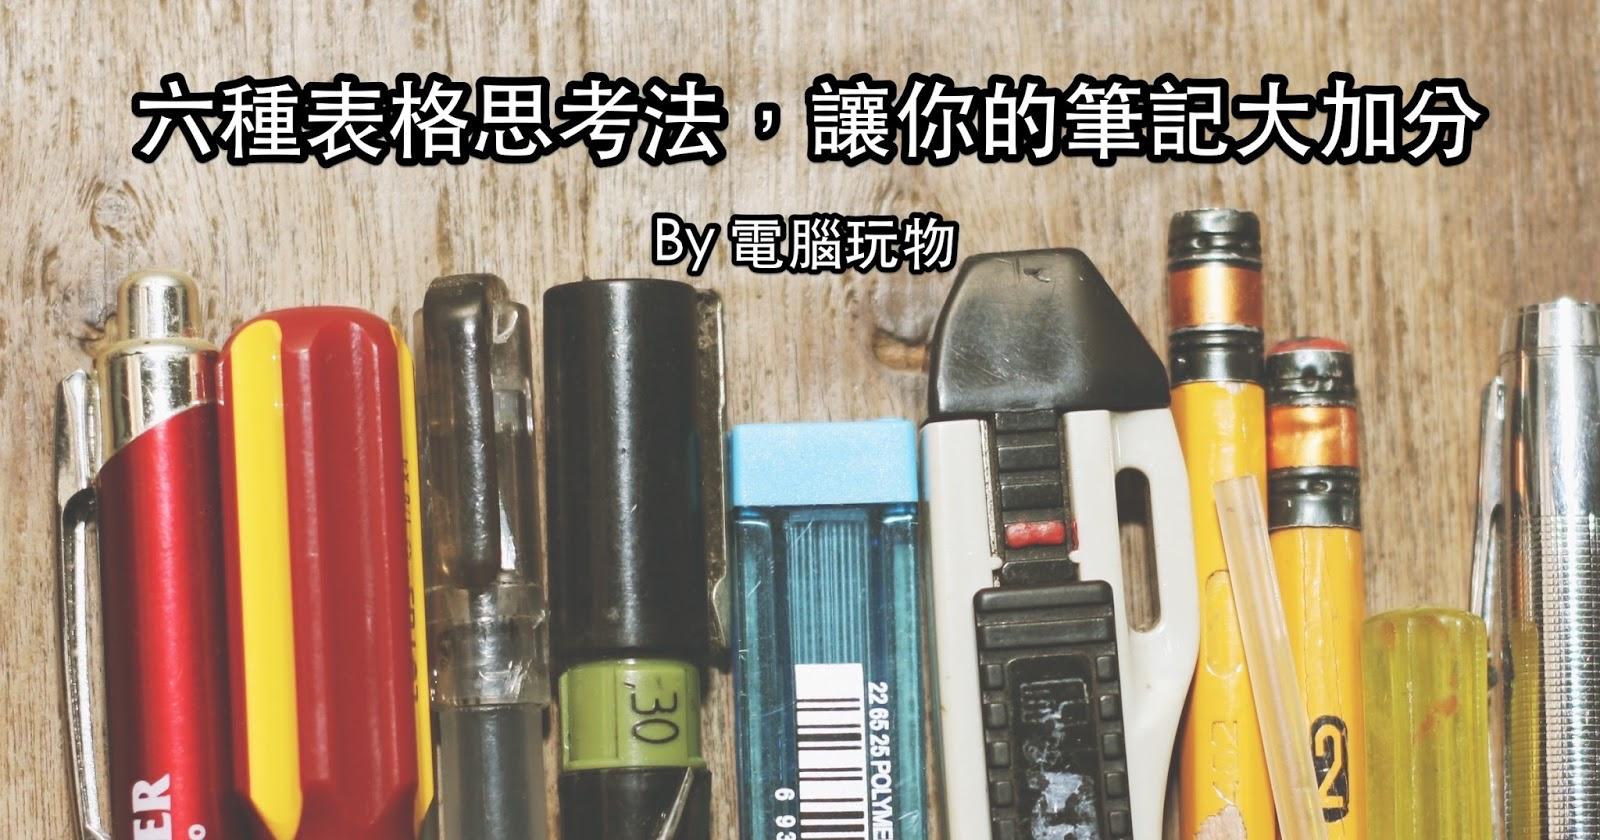 筆記 - Magazine cover